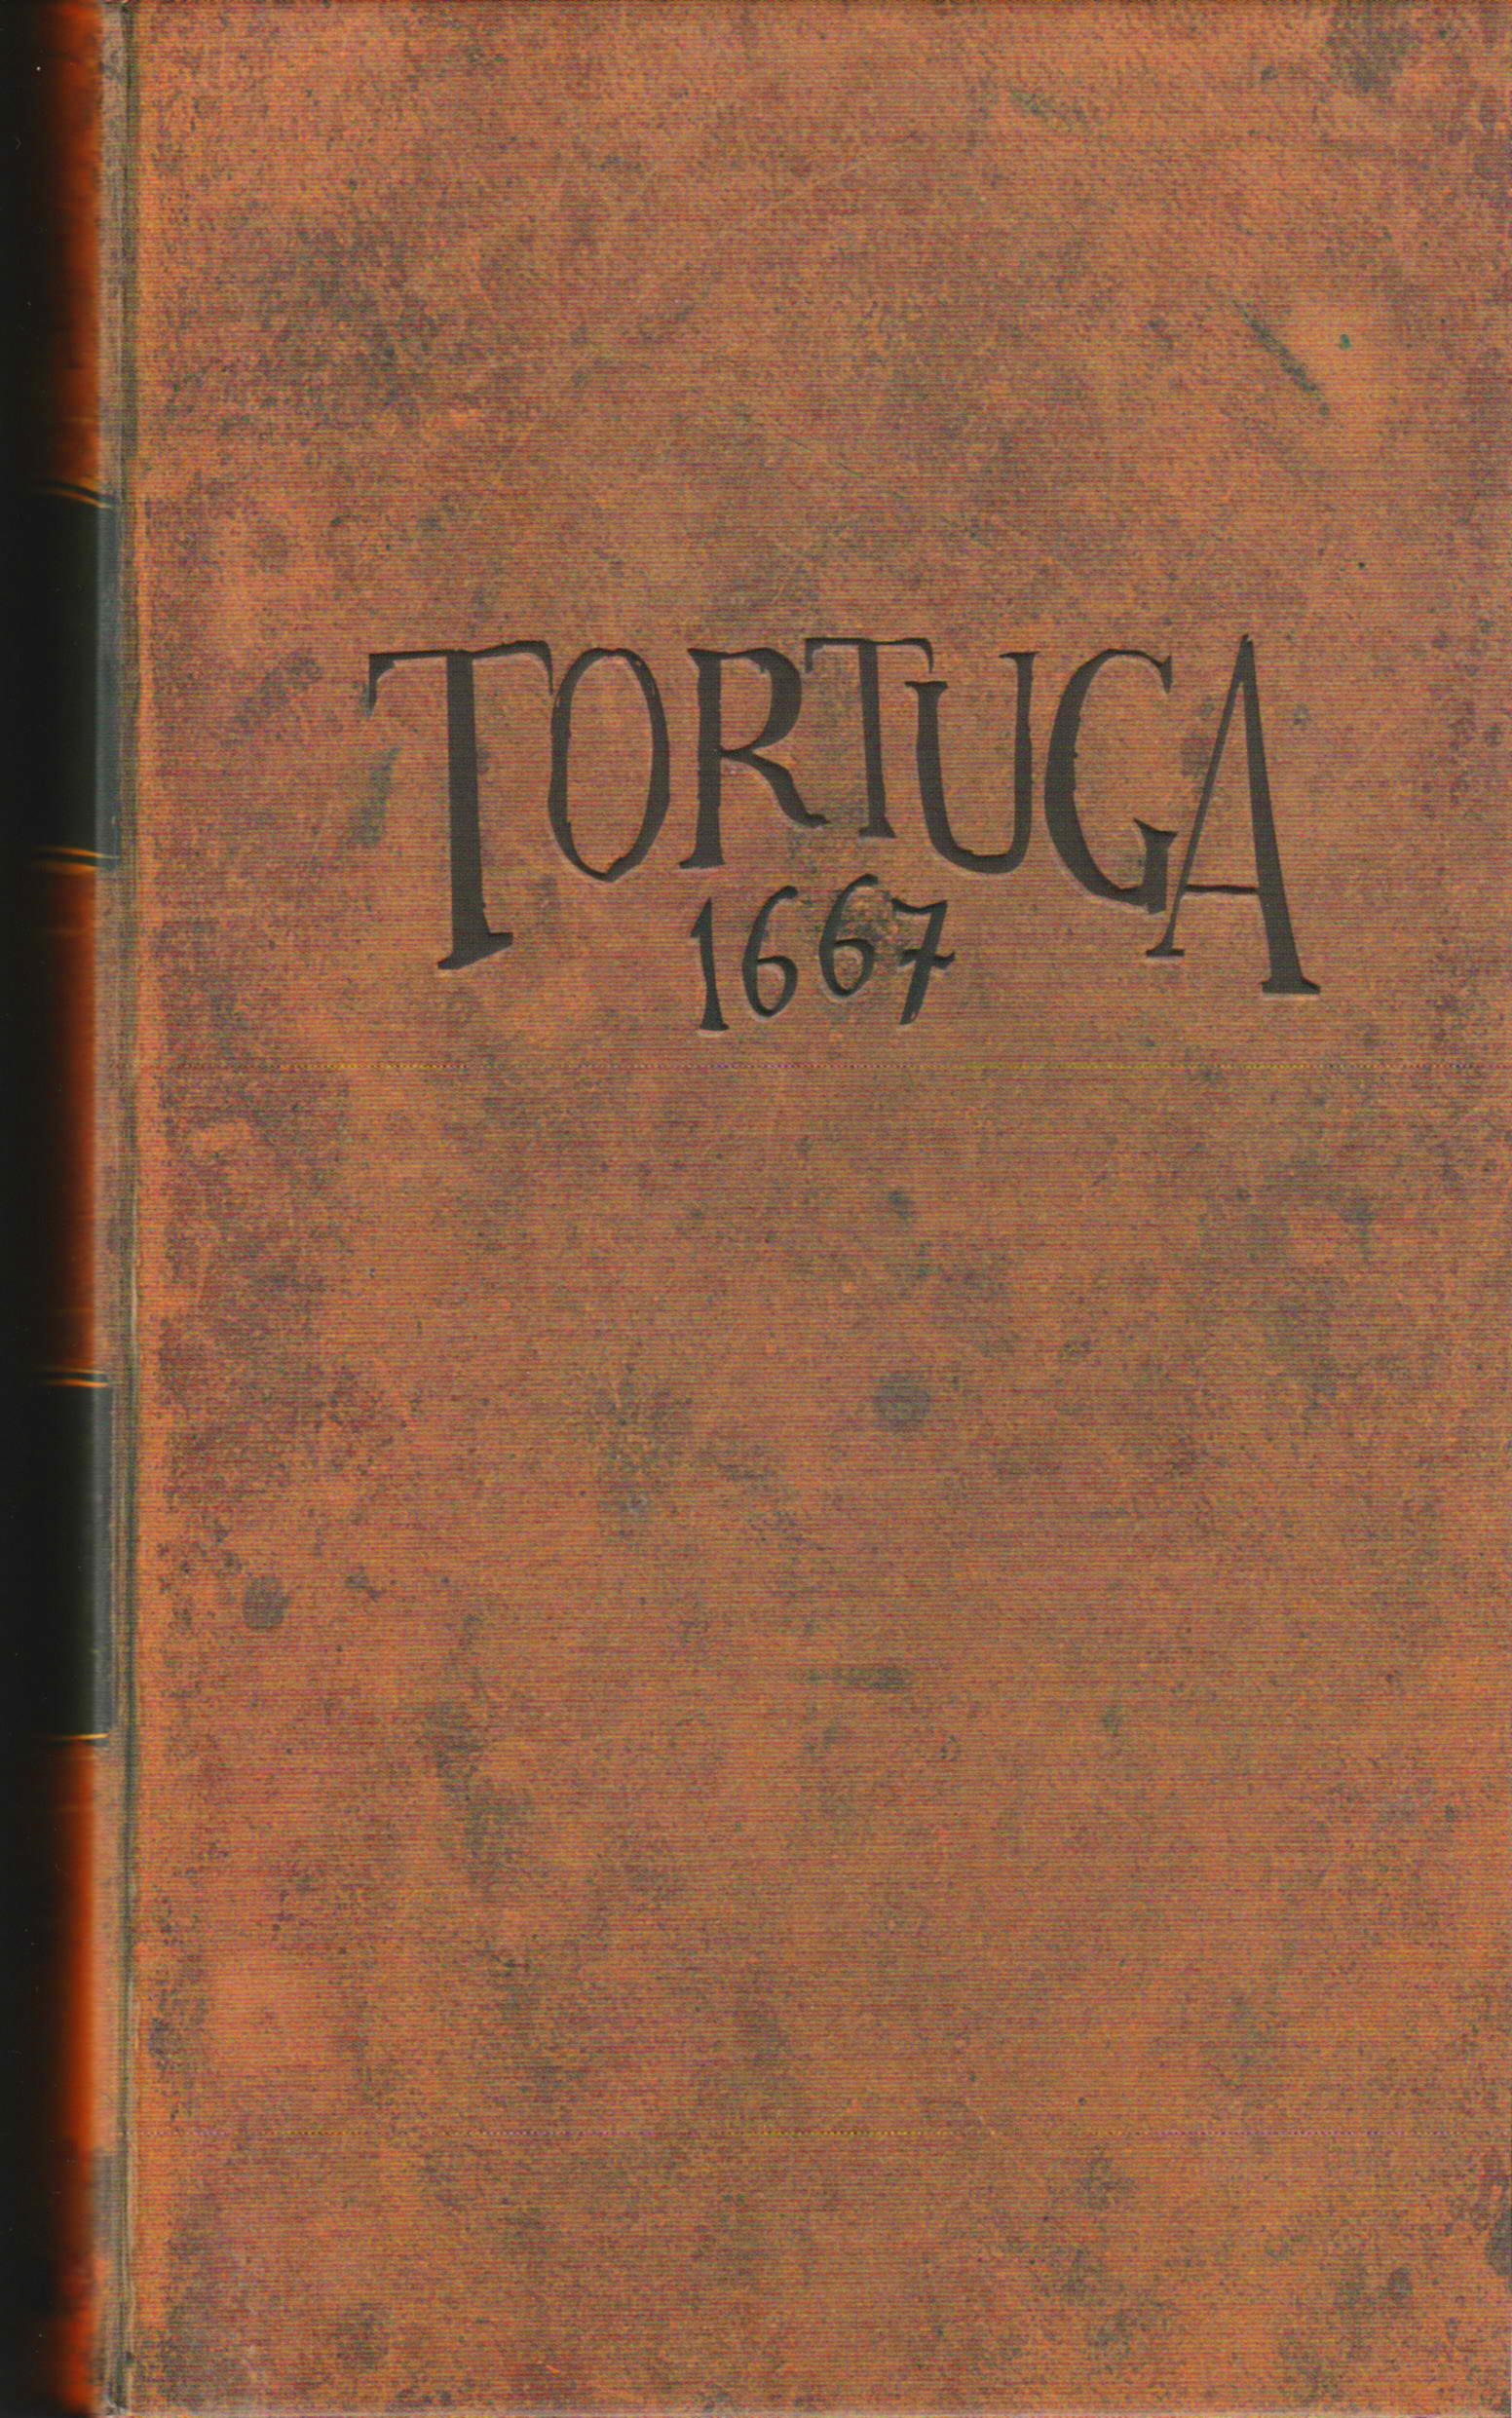 Card Game Tortuga 1667